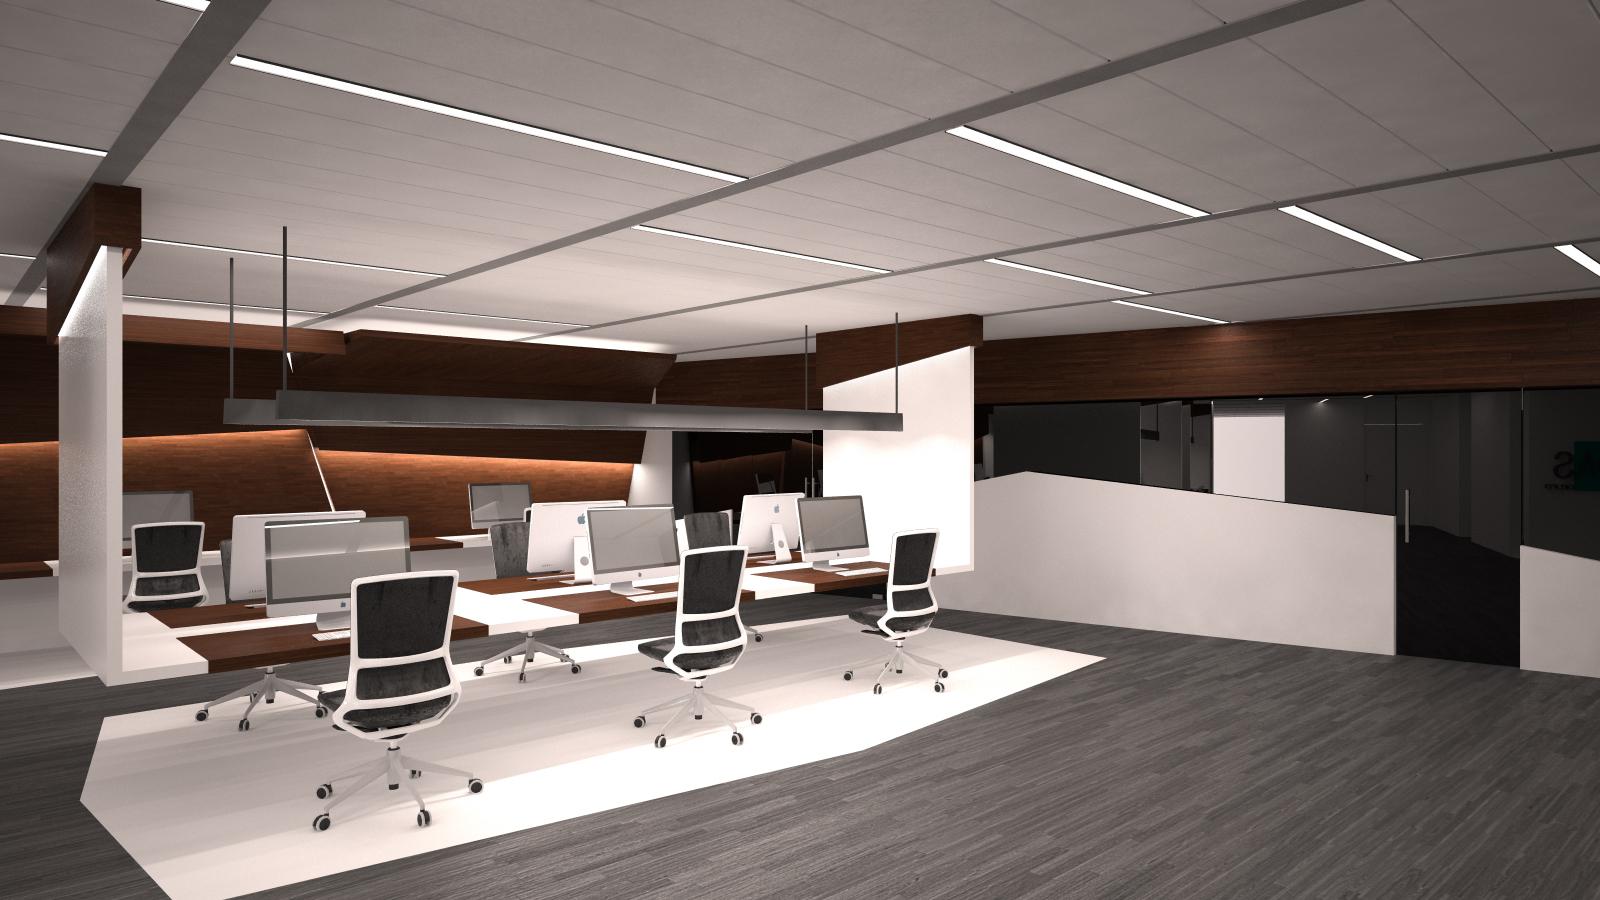 Dise o de oficinas en madrid grupoias - Oficinas de adecco en madrid ...